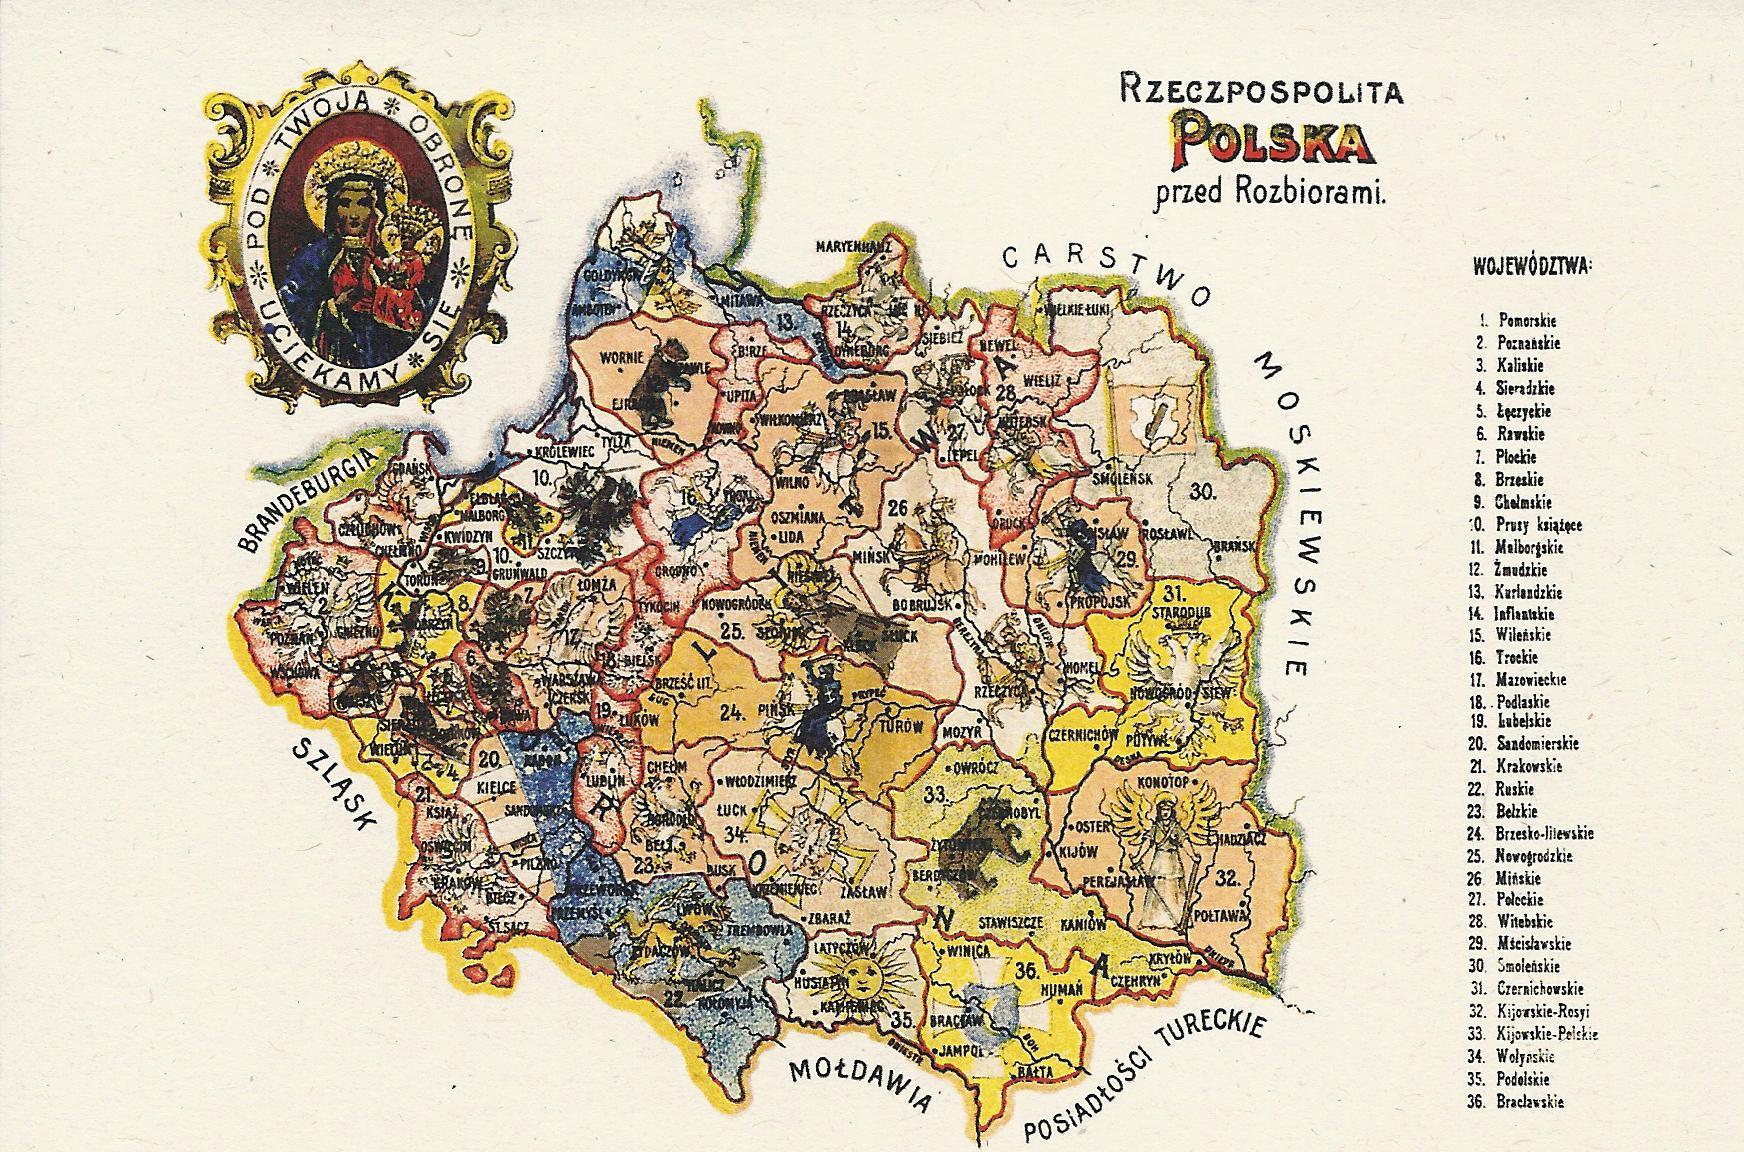 Pocztowka Mapa Rzeczpospolita Polska Przed Rozbiorem